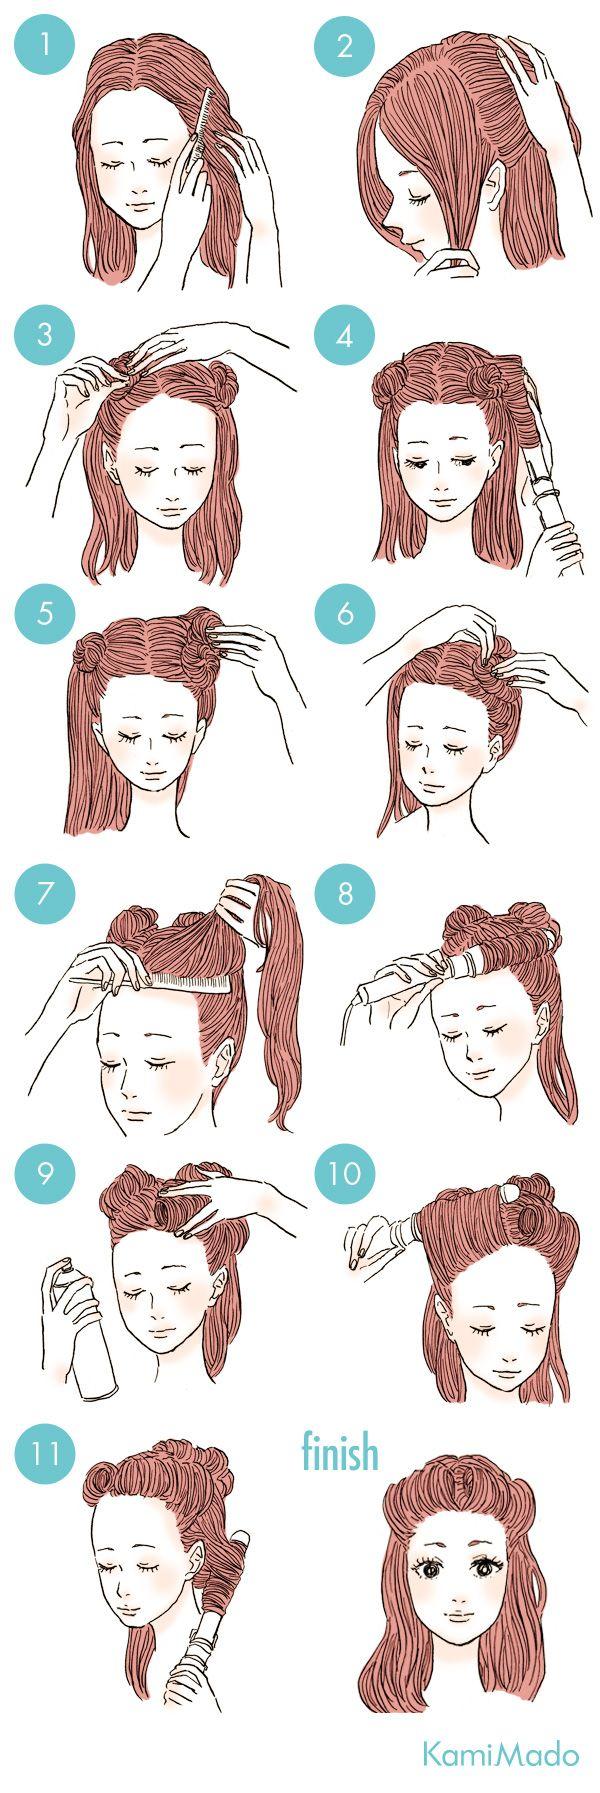 前髪をロールアップ 50年代風レトロなハーフダウン イラスト付き ヘアスタイリング ヘアスタイル ロング 髪 アレンジ